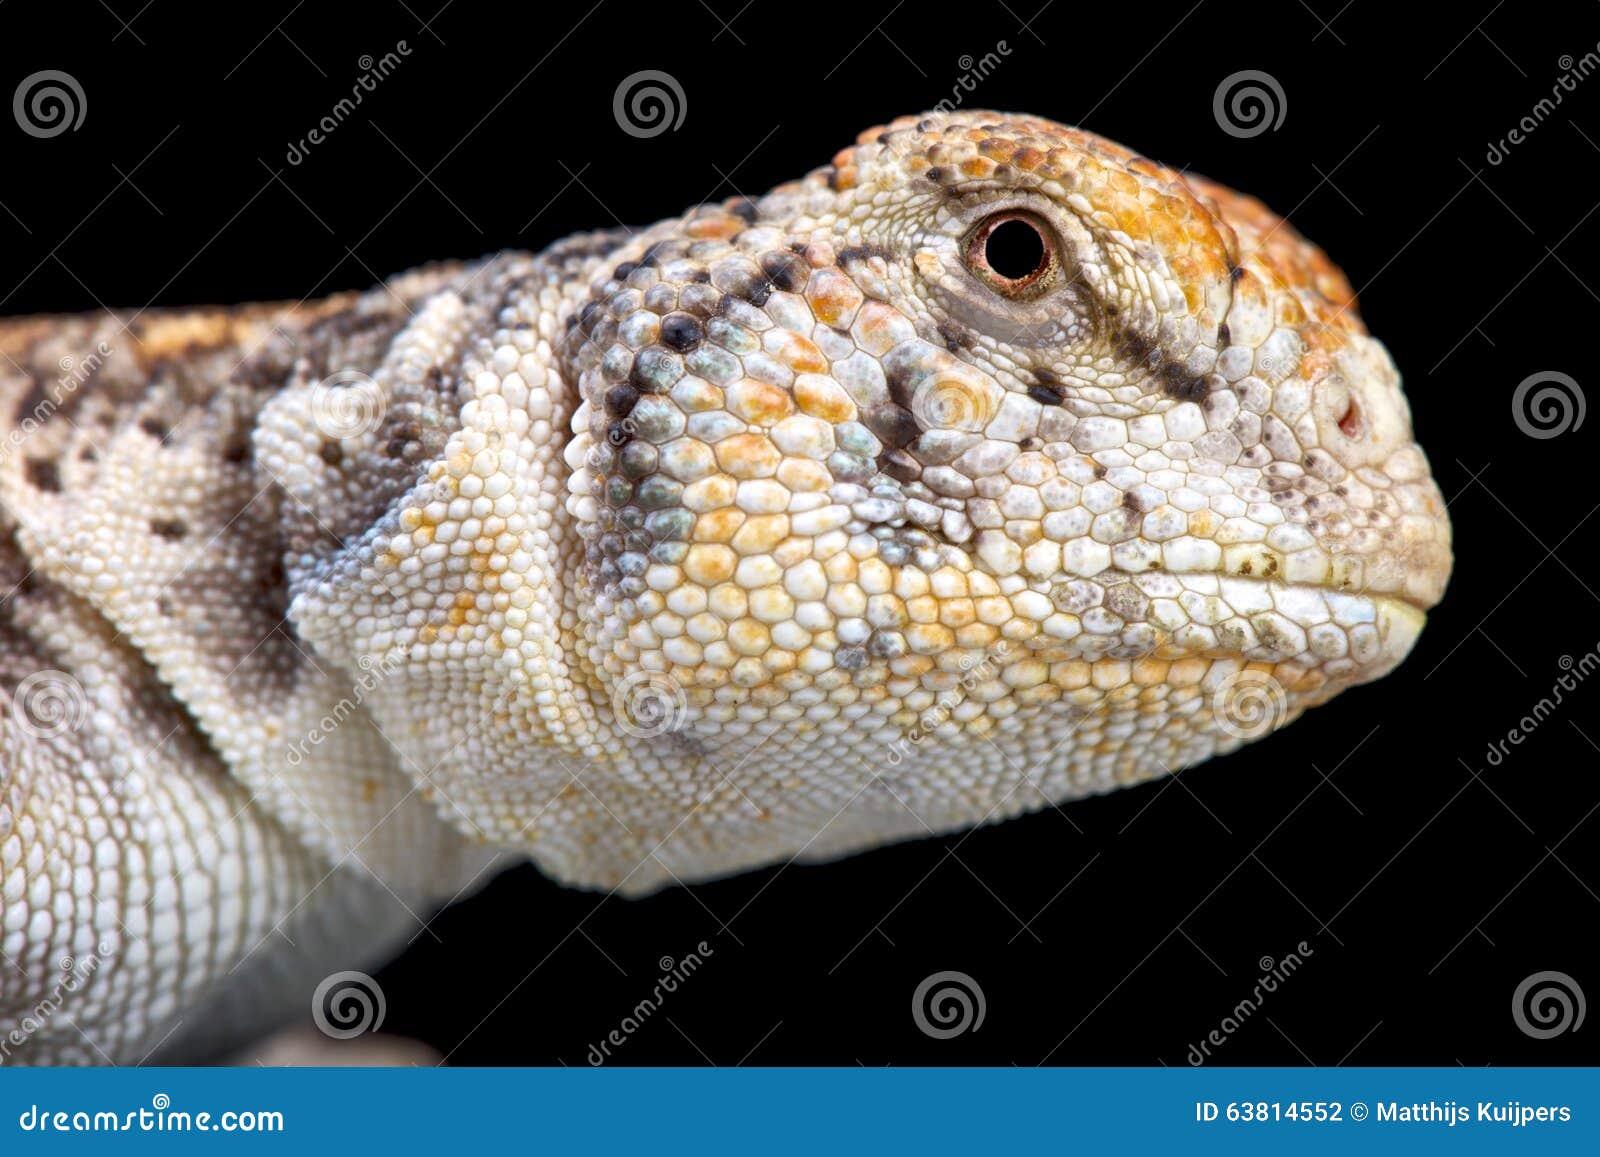 Omaní espinoso-ató el lagarto (el thomasi de Uromastyx)